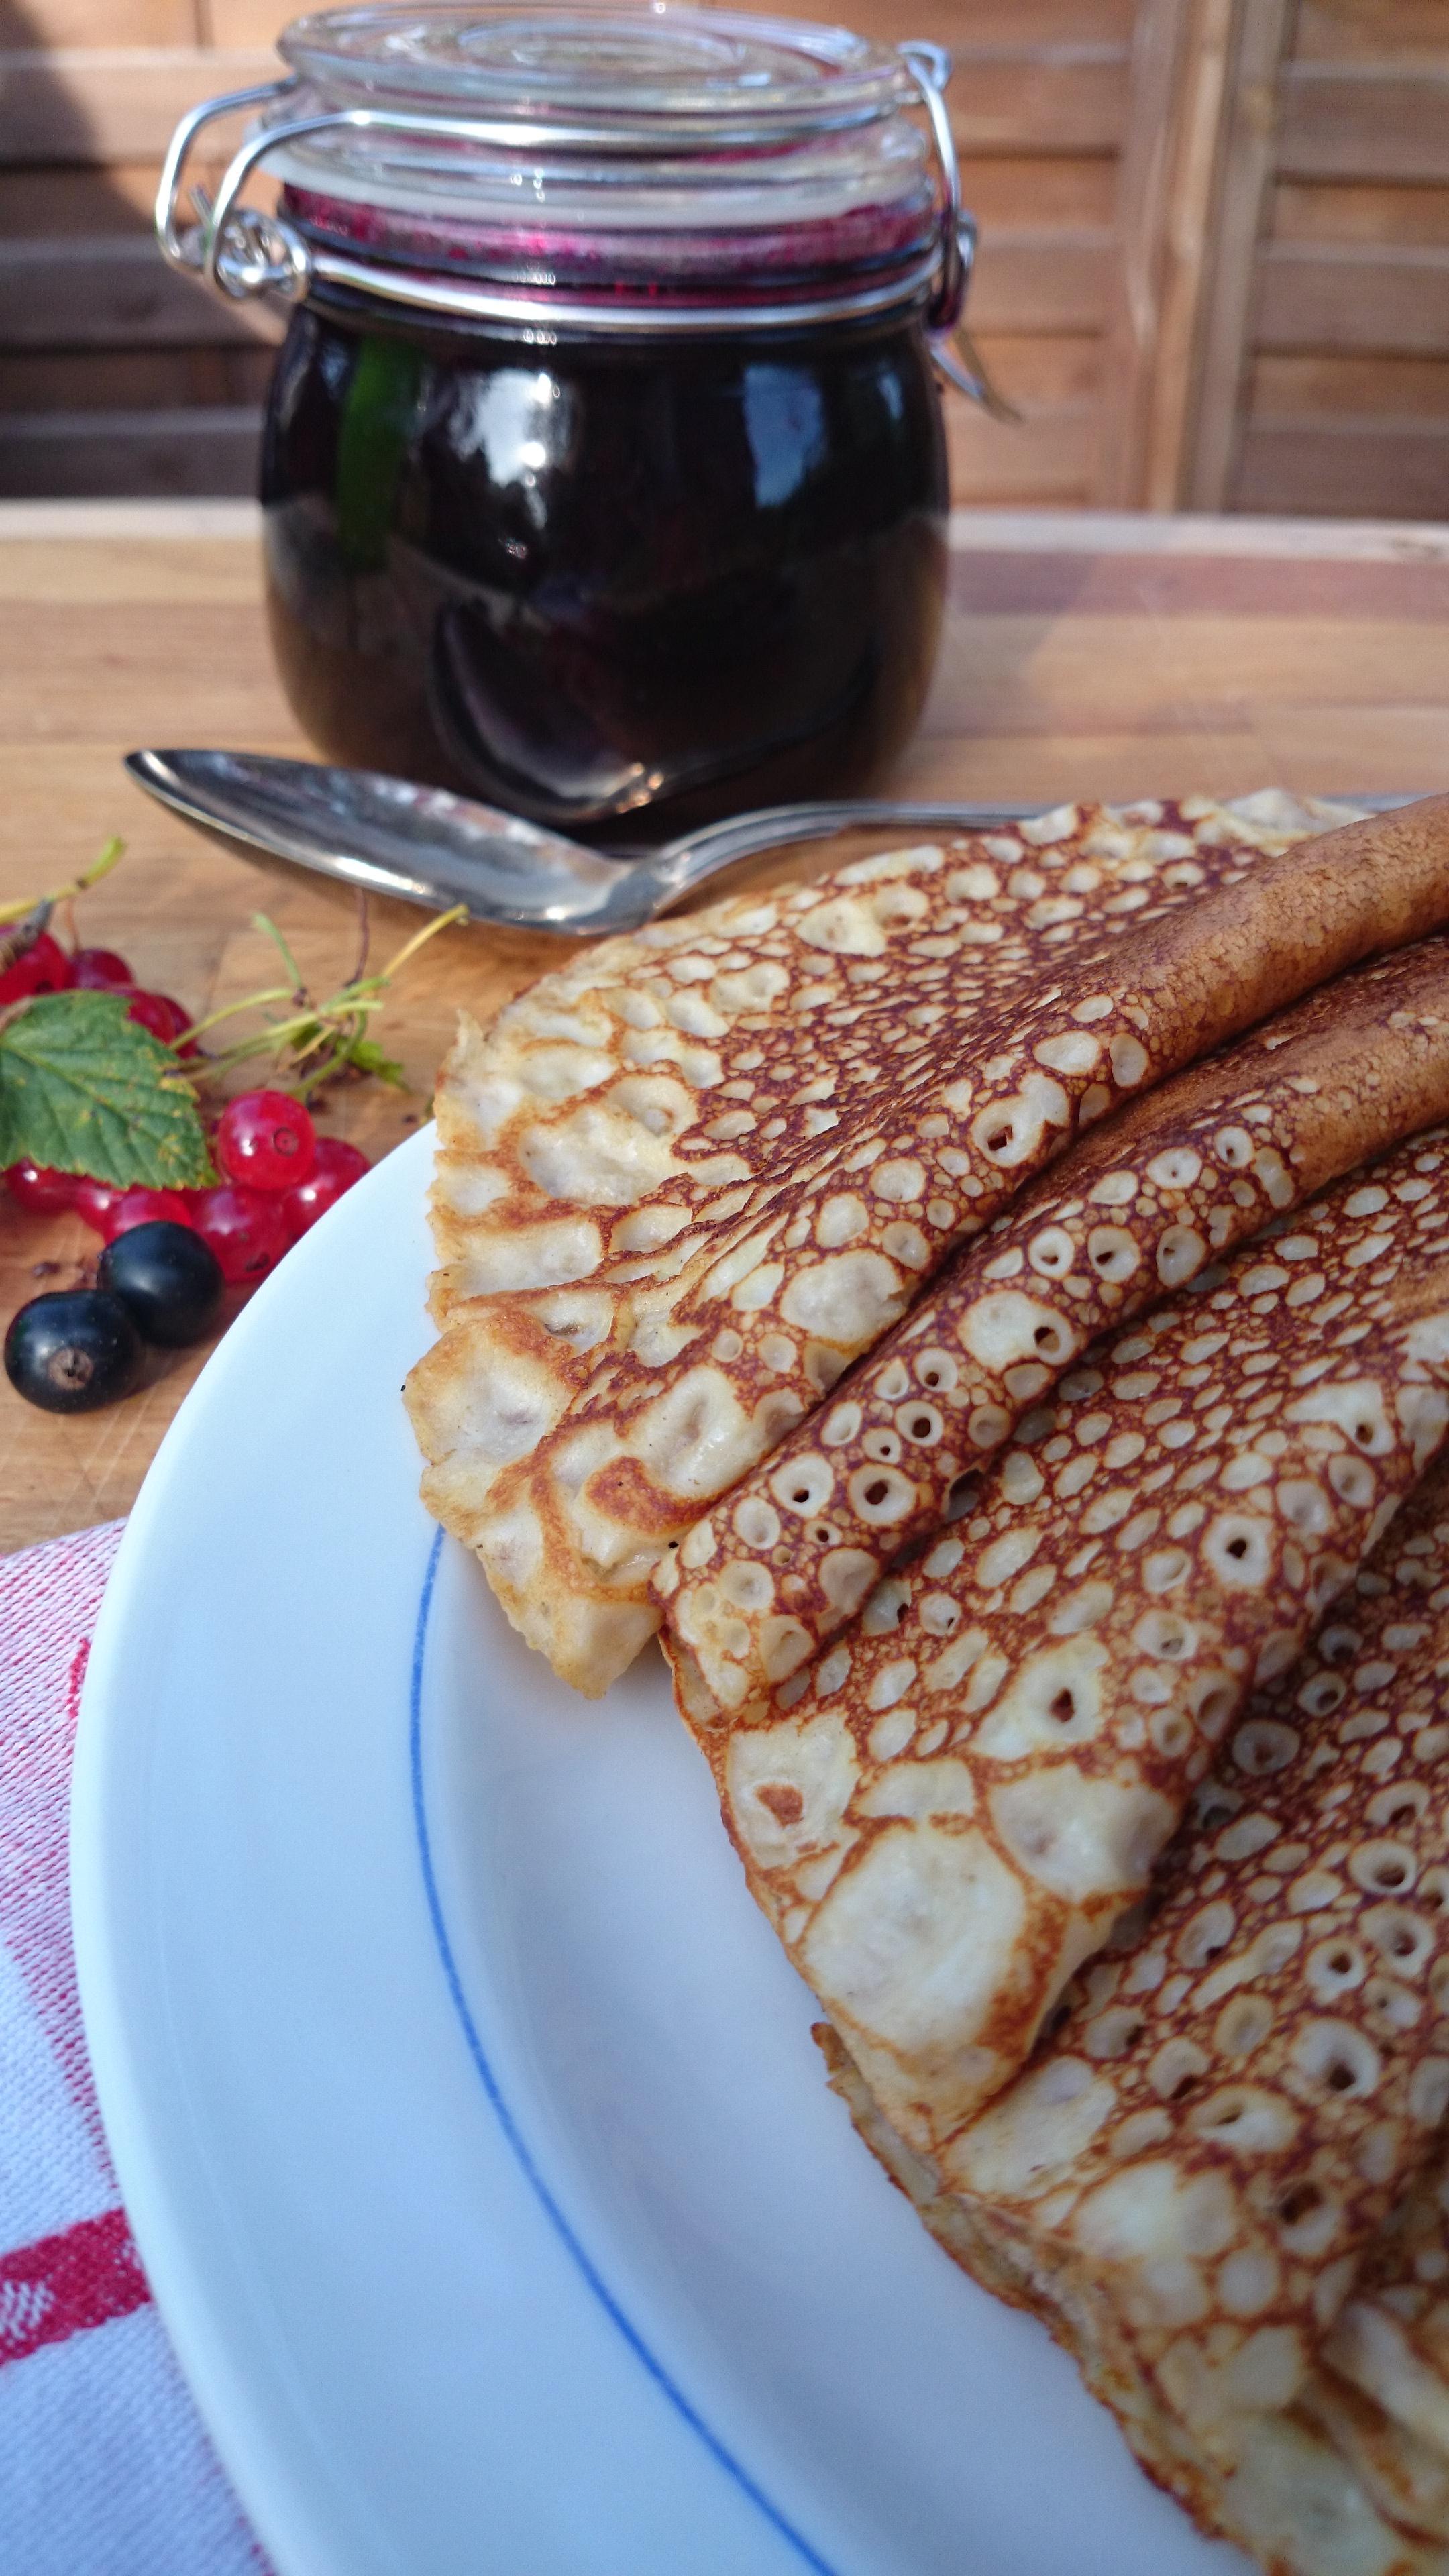 nyttigt mjöl till pannkakor